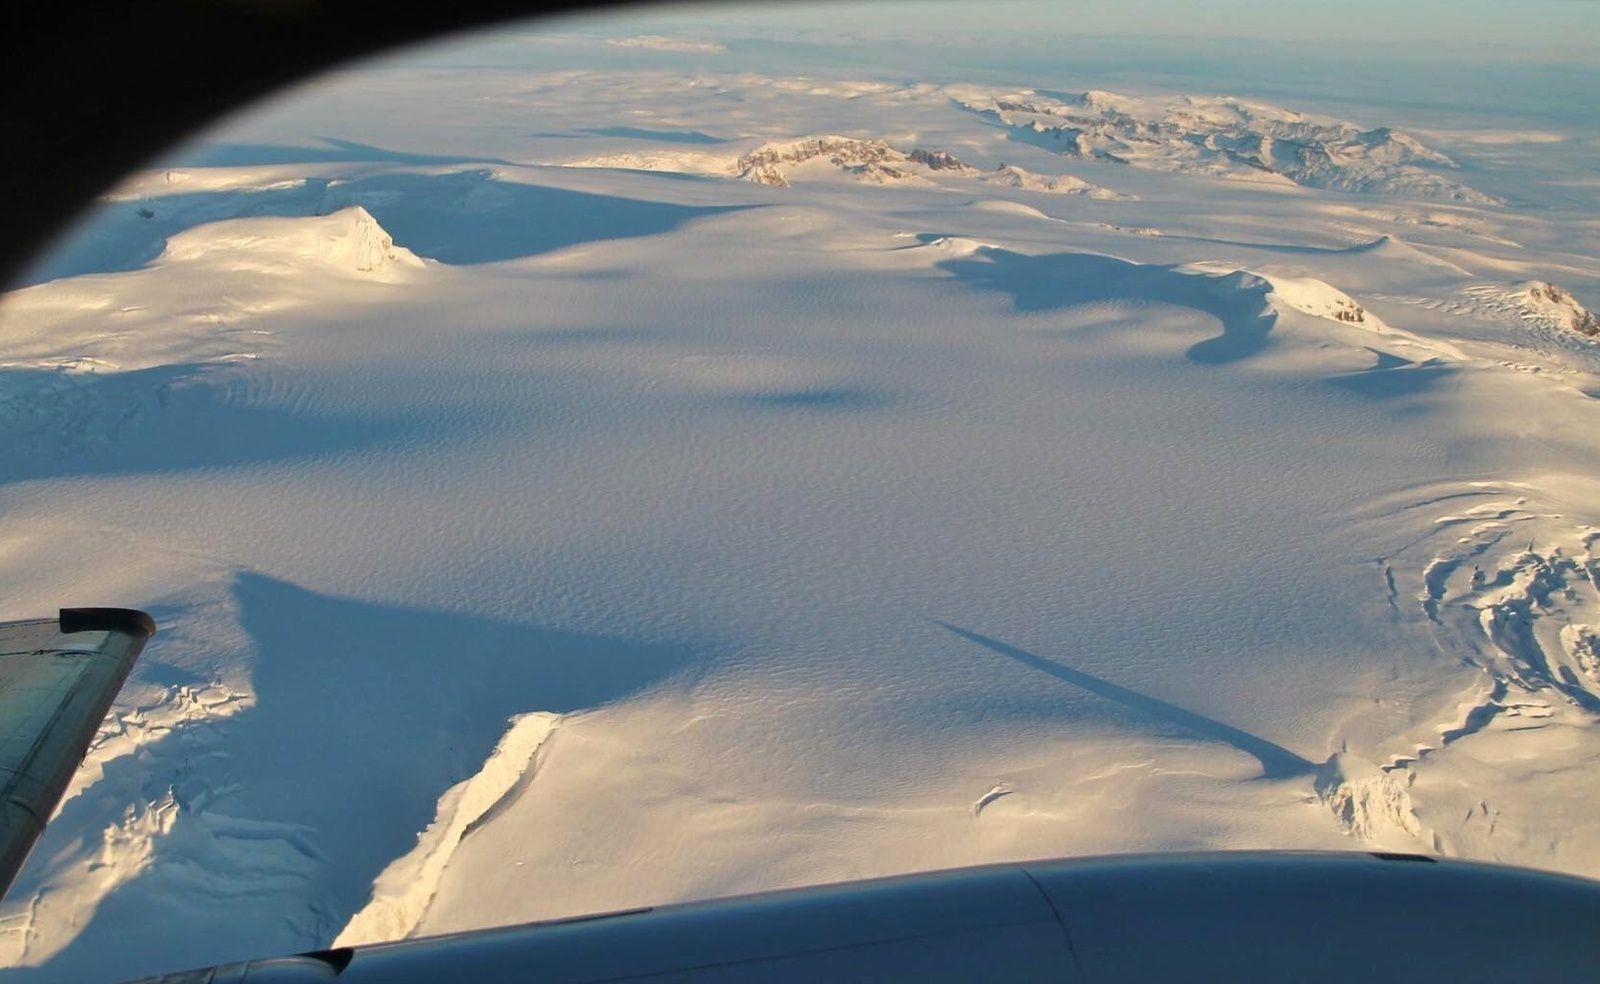 Update : Oreafajökull - on voit mieux le creux du chaudron sous cet angle là - photo MT Guðmundsson